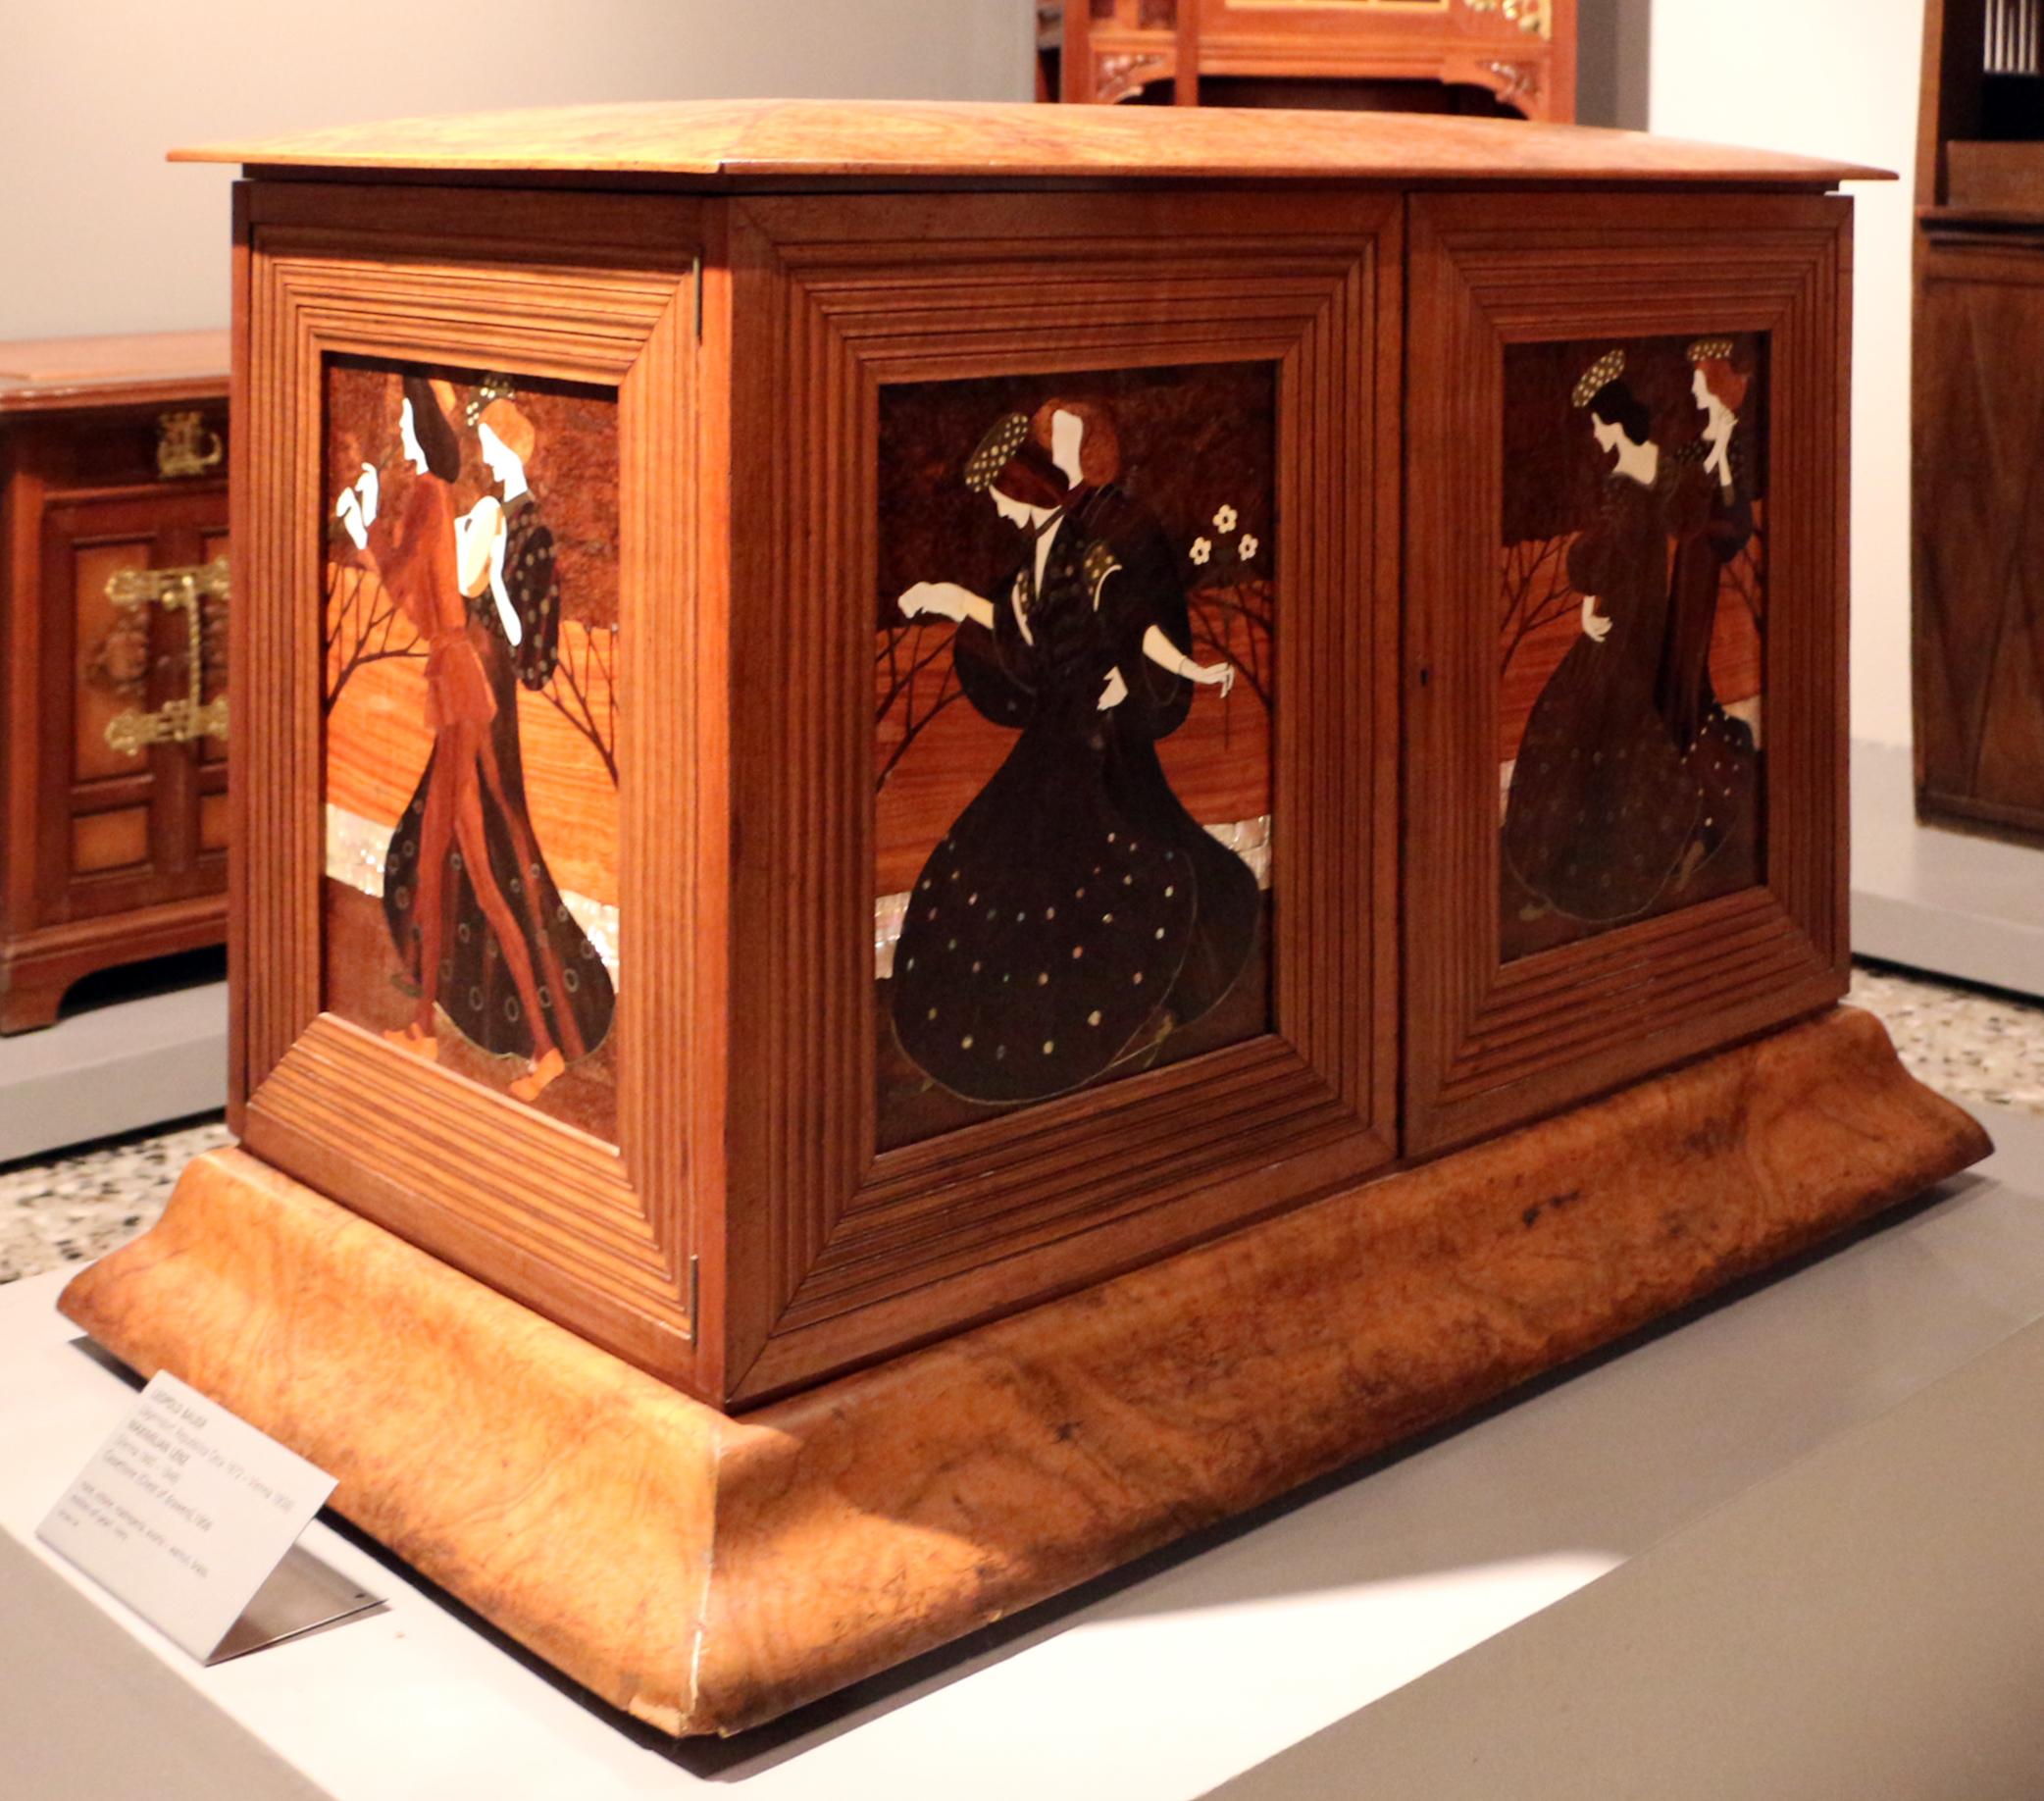 Charmant File:Leopold Bauer E Maximilian Lenz, Cassettone Con Intarsi, 1906, 01.